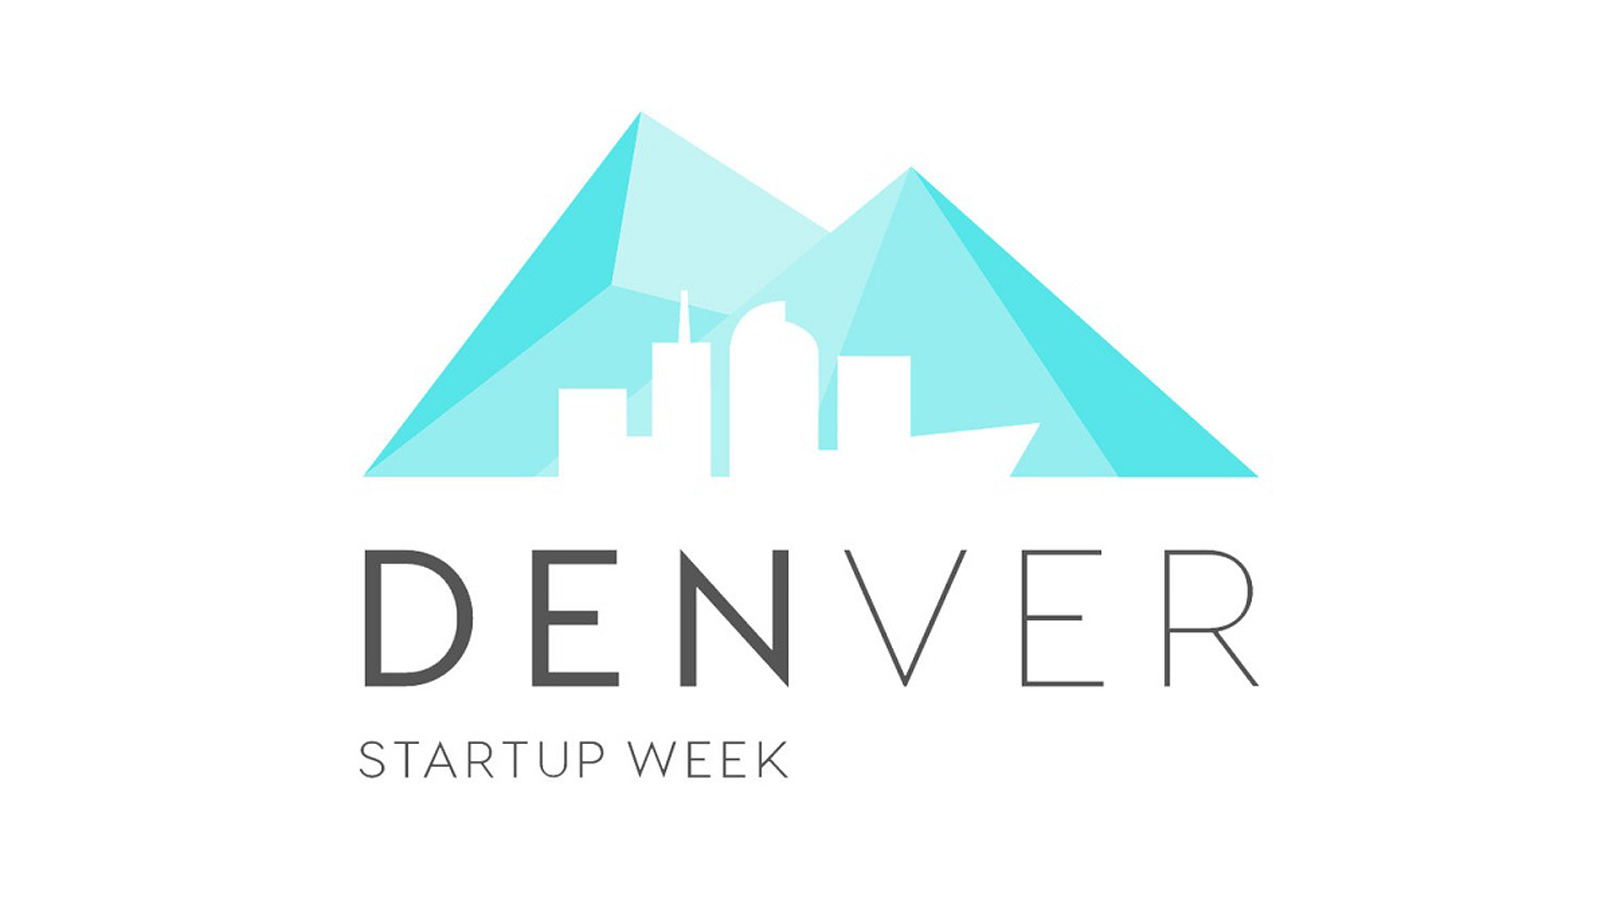 The Denver Startup Week logo